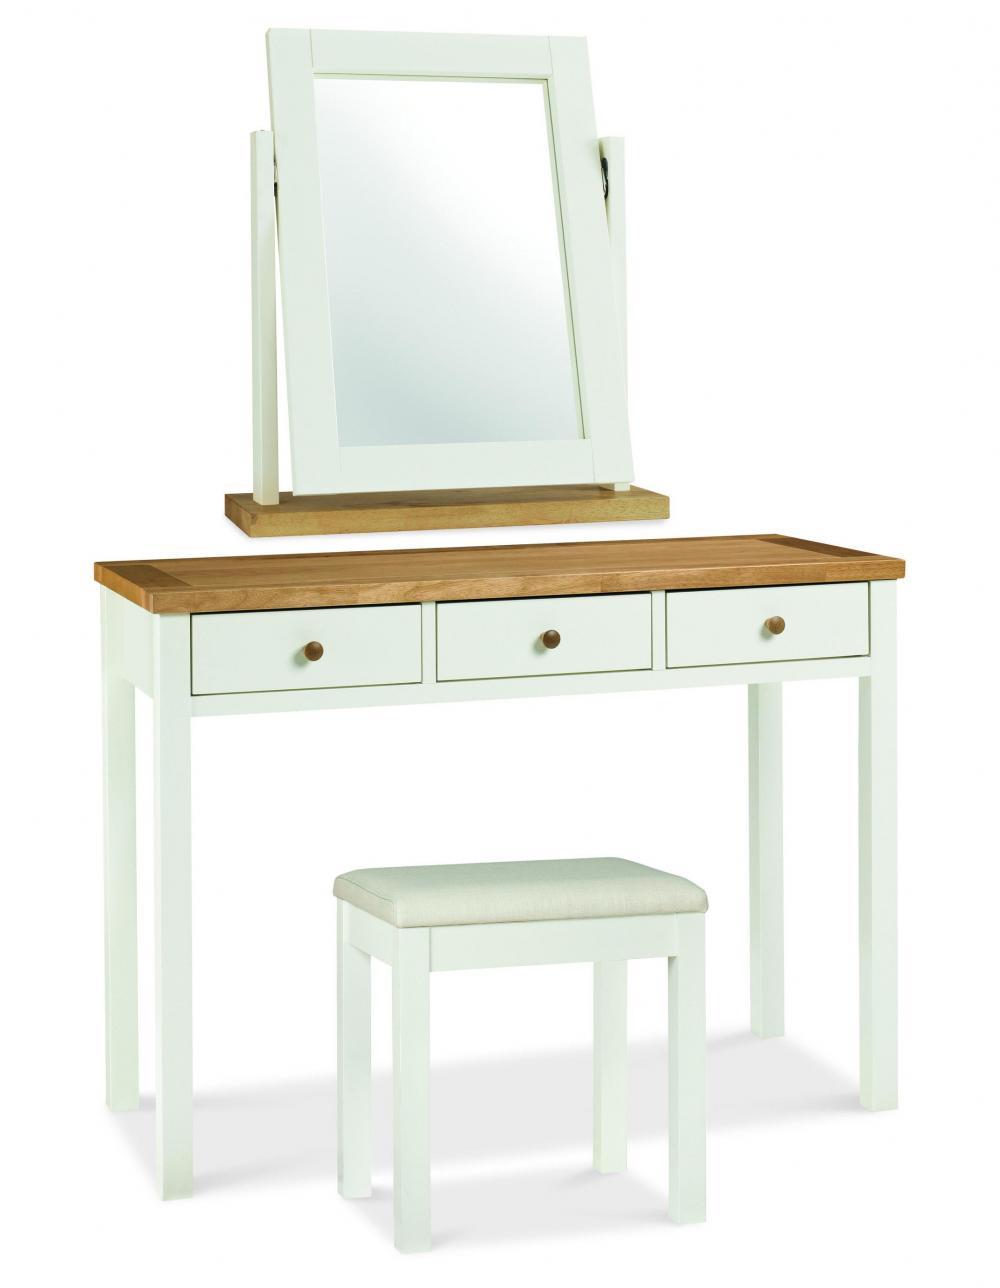 new york dressing table. Black Bedroom Furniture Sets. Home Design Ideas